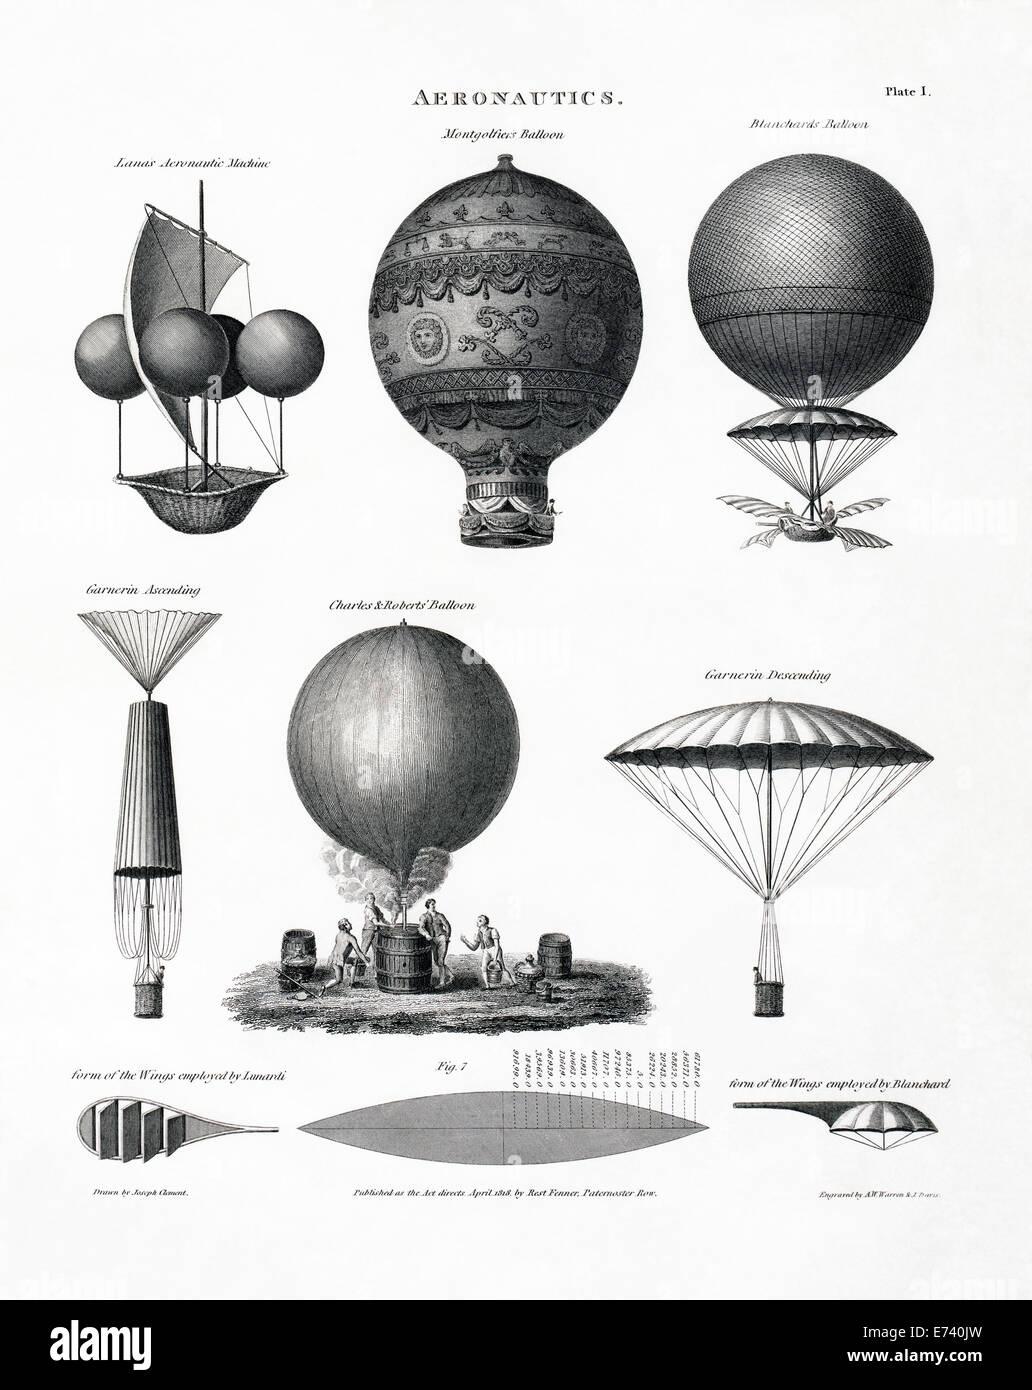 Hot air balloons, 1818 drawing - Stock Image